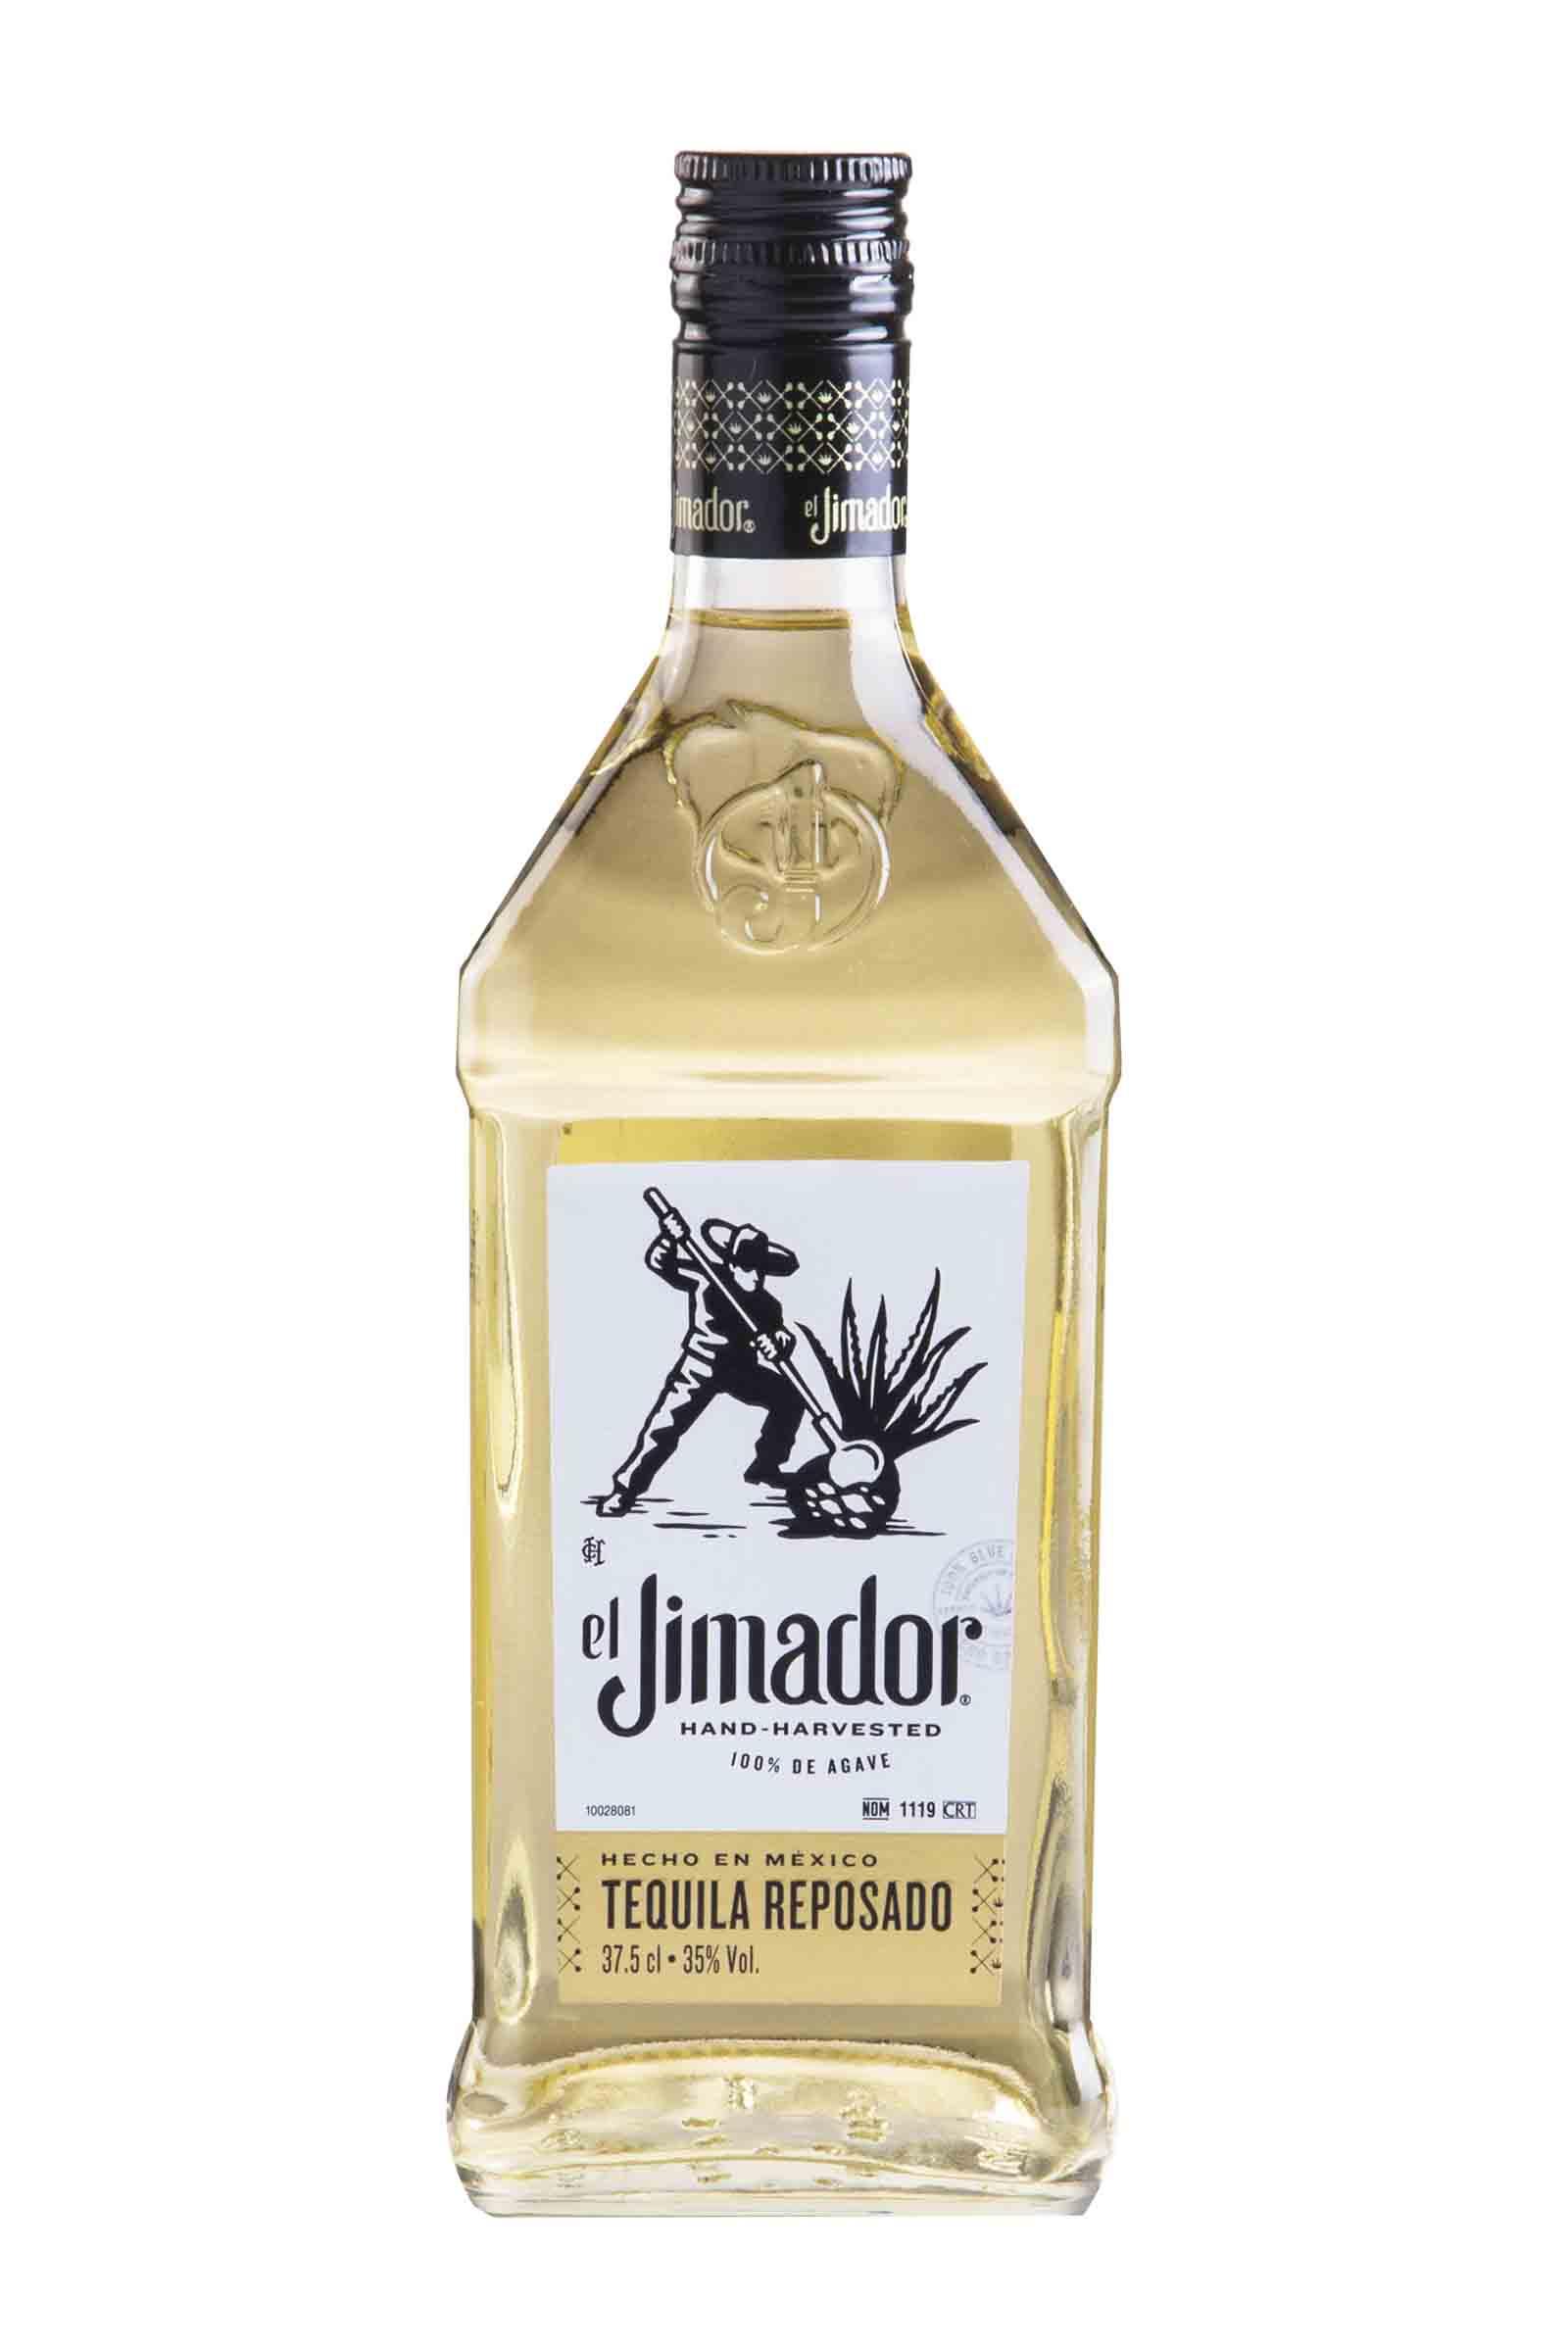 Tequila El Jimador Reposado 100% Agave 375ml